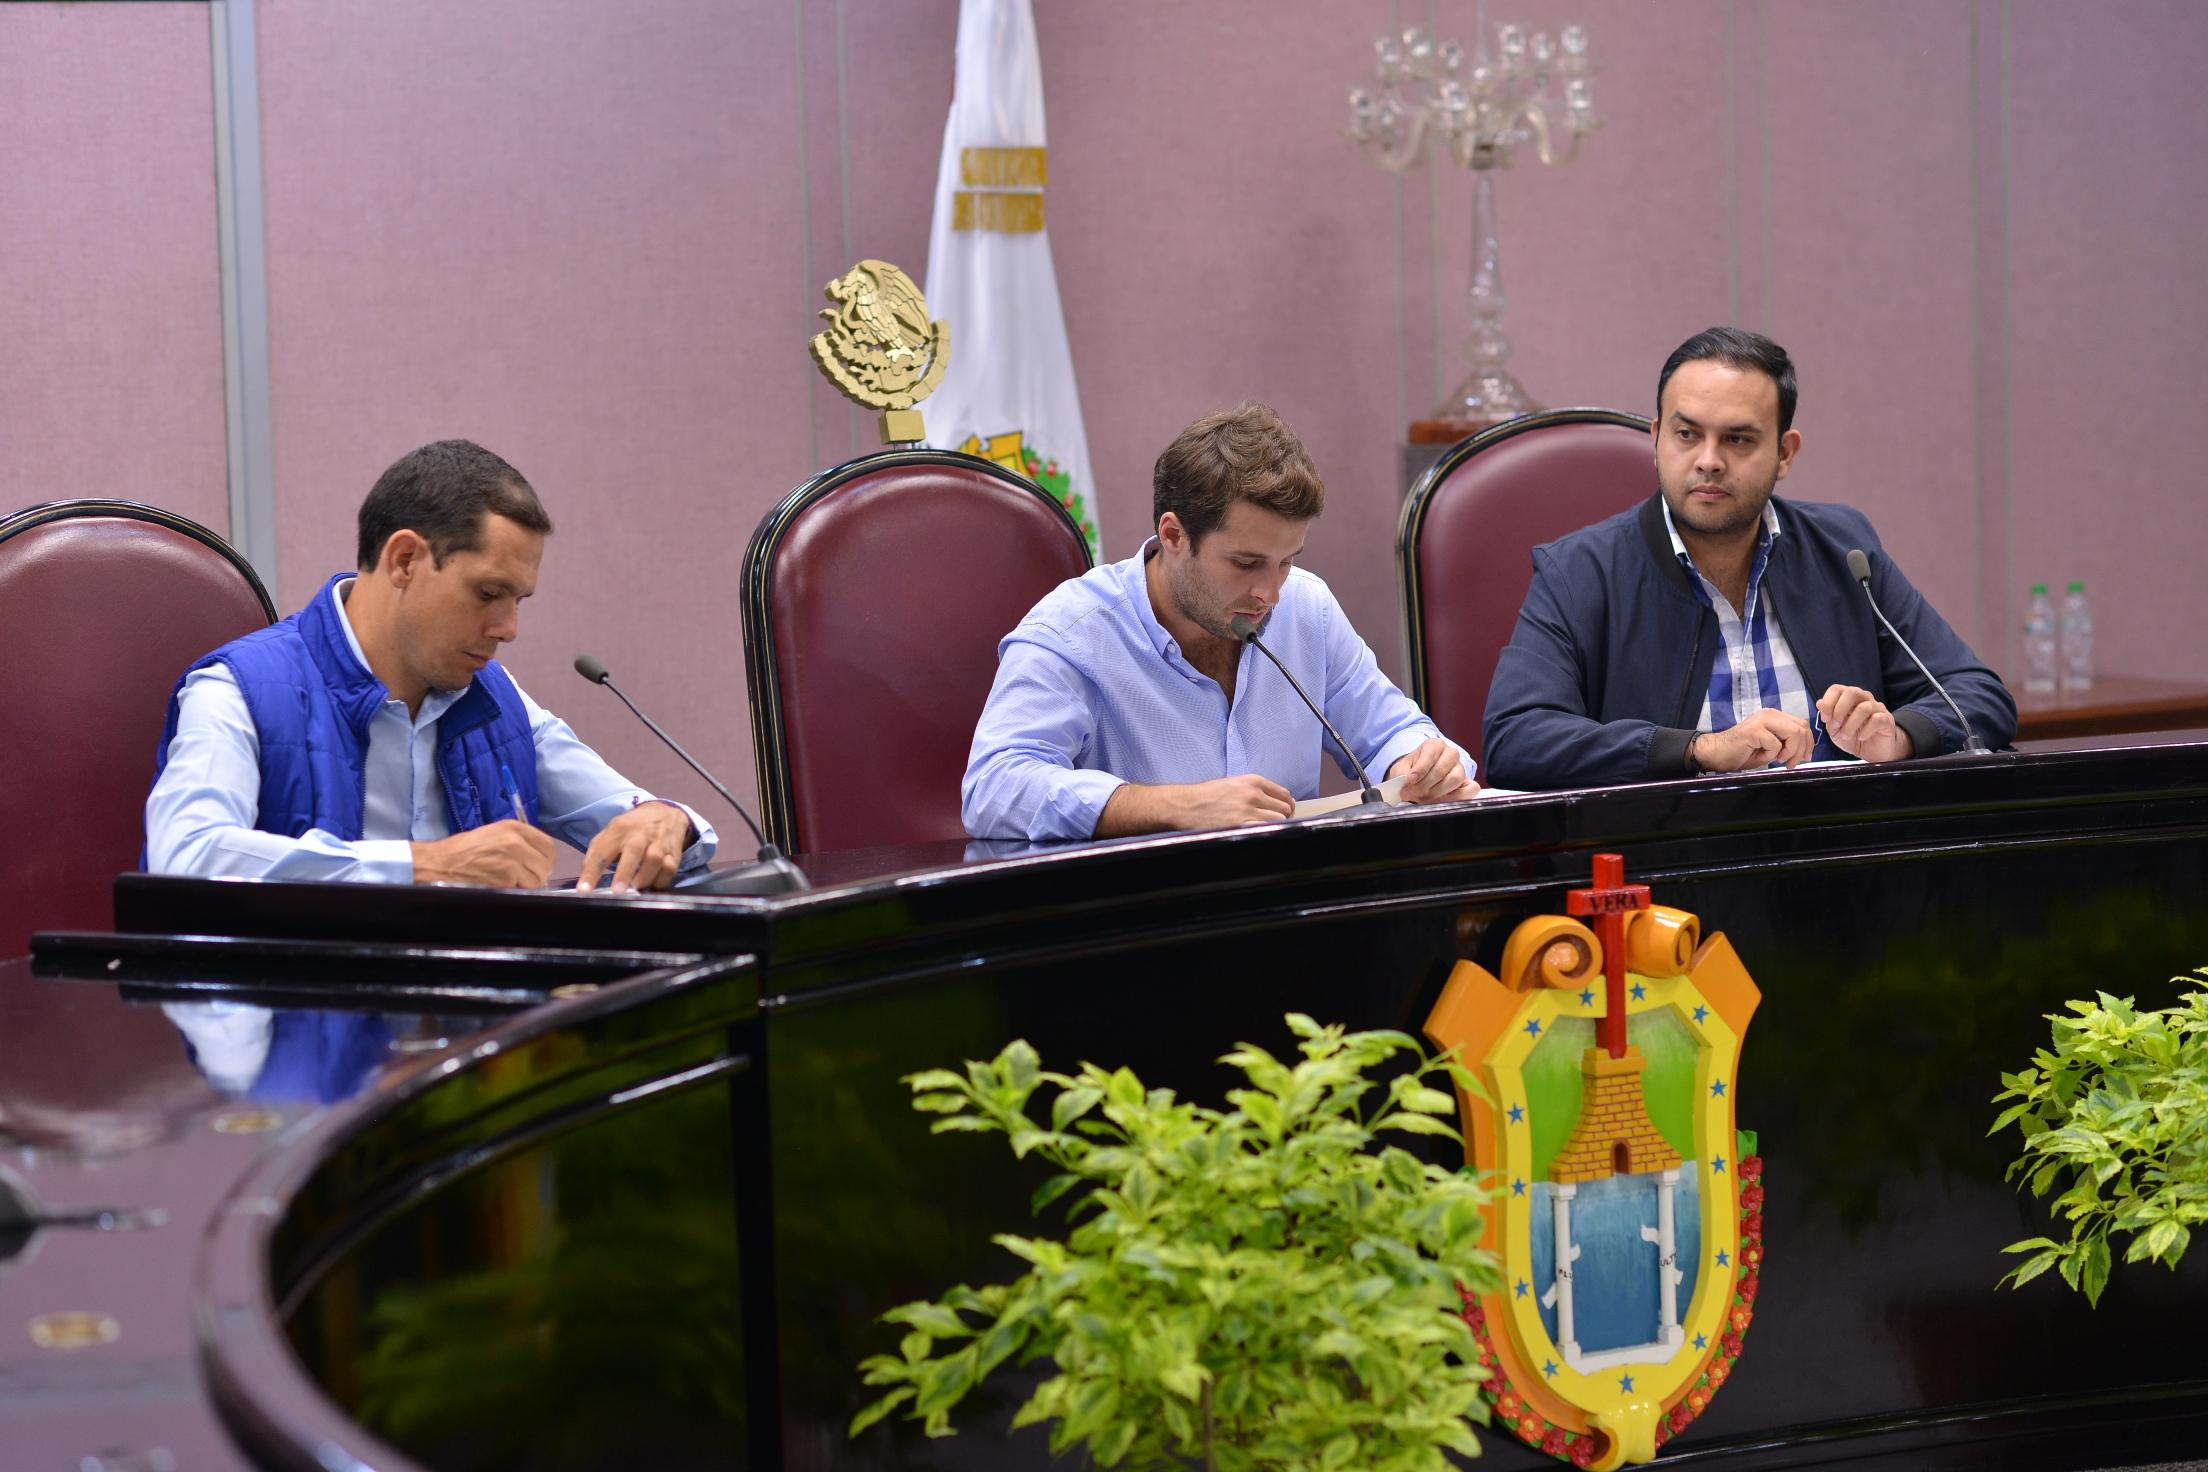 Dictamina Comisión de Justicia ampliación de la legítima defensa